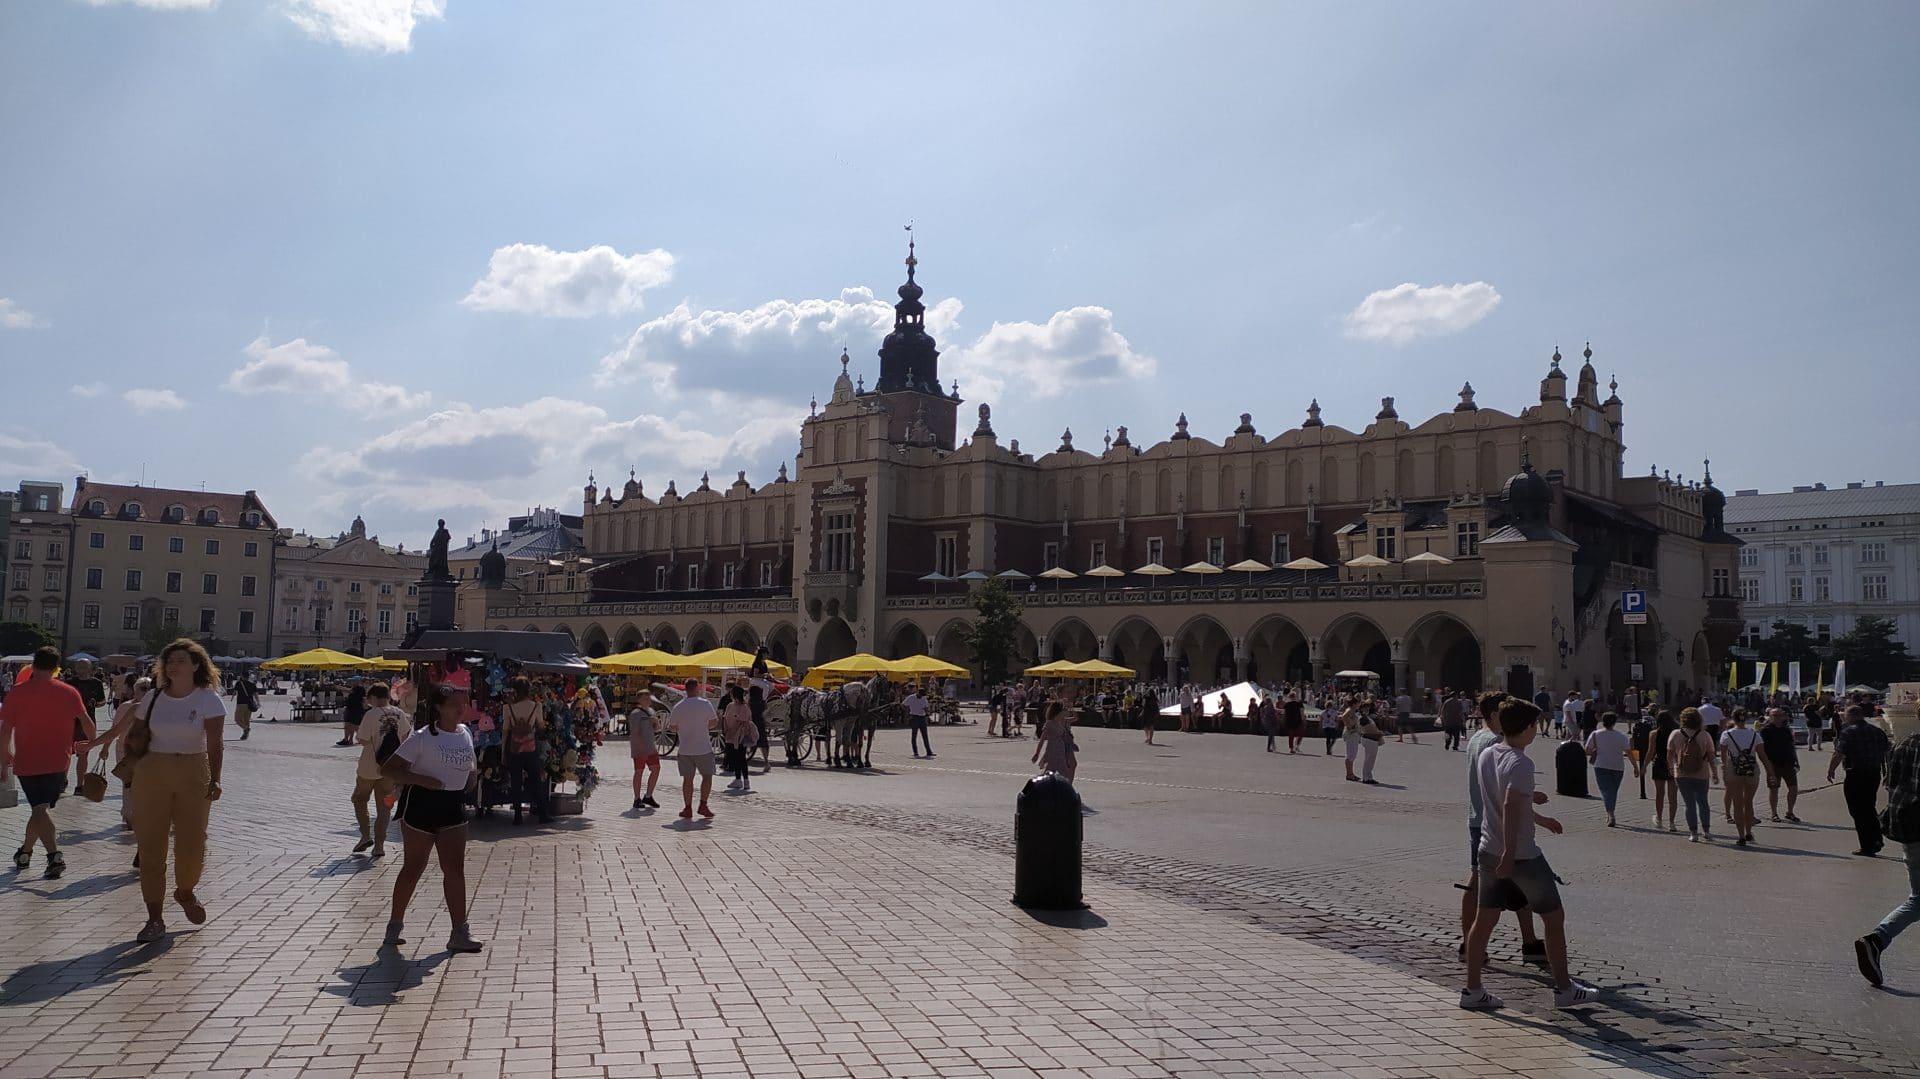 Co warto zobaczyć w Krakowie. Sukiennice. Kwiaciarki.